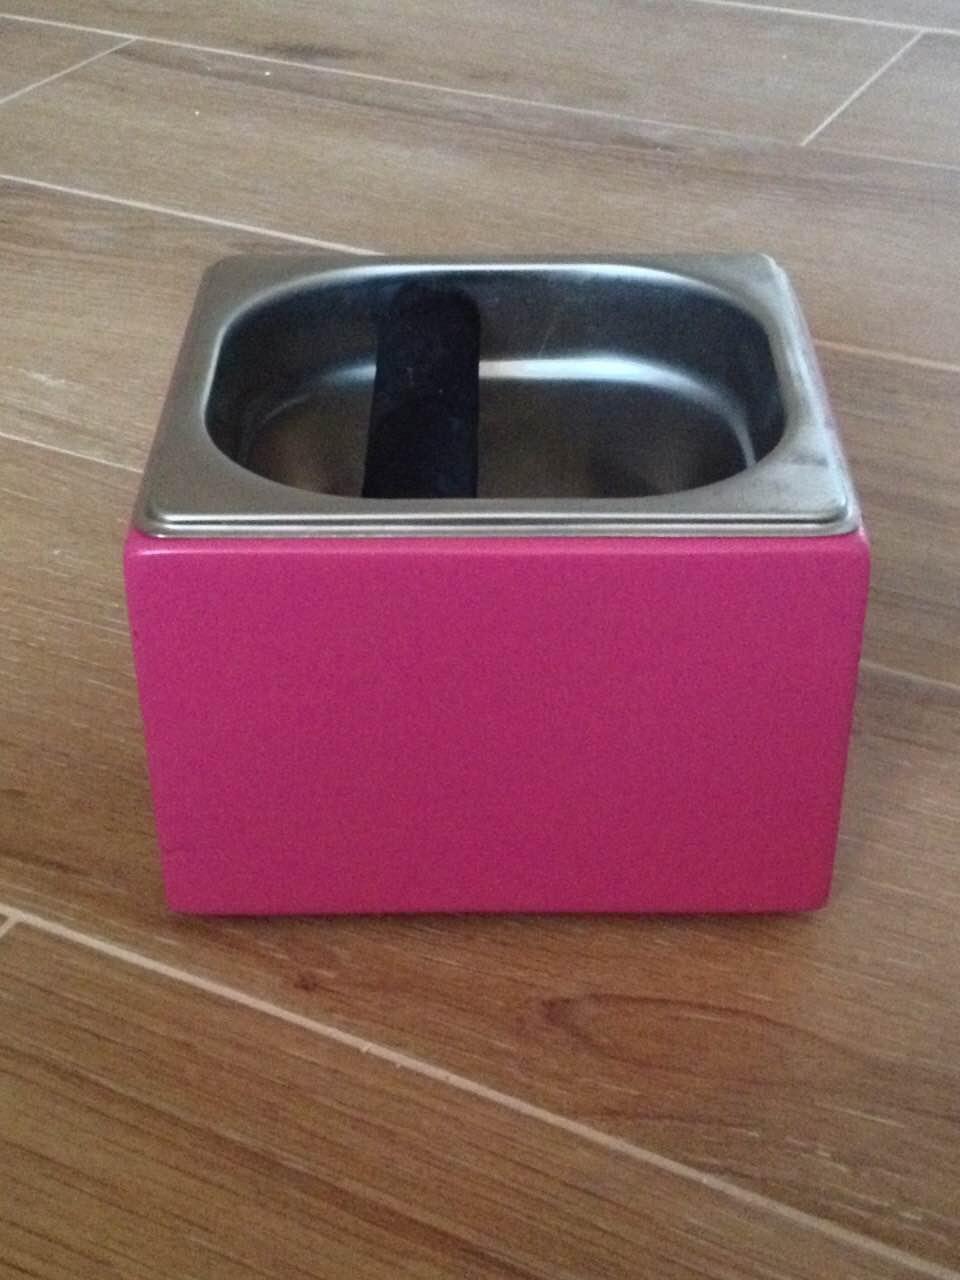 Нок-бокс в деревянном корпусе c емкостью из нержавеющей стали   (тонированный цветной)   1.6 л